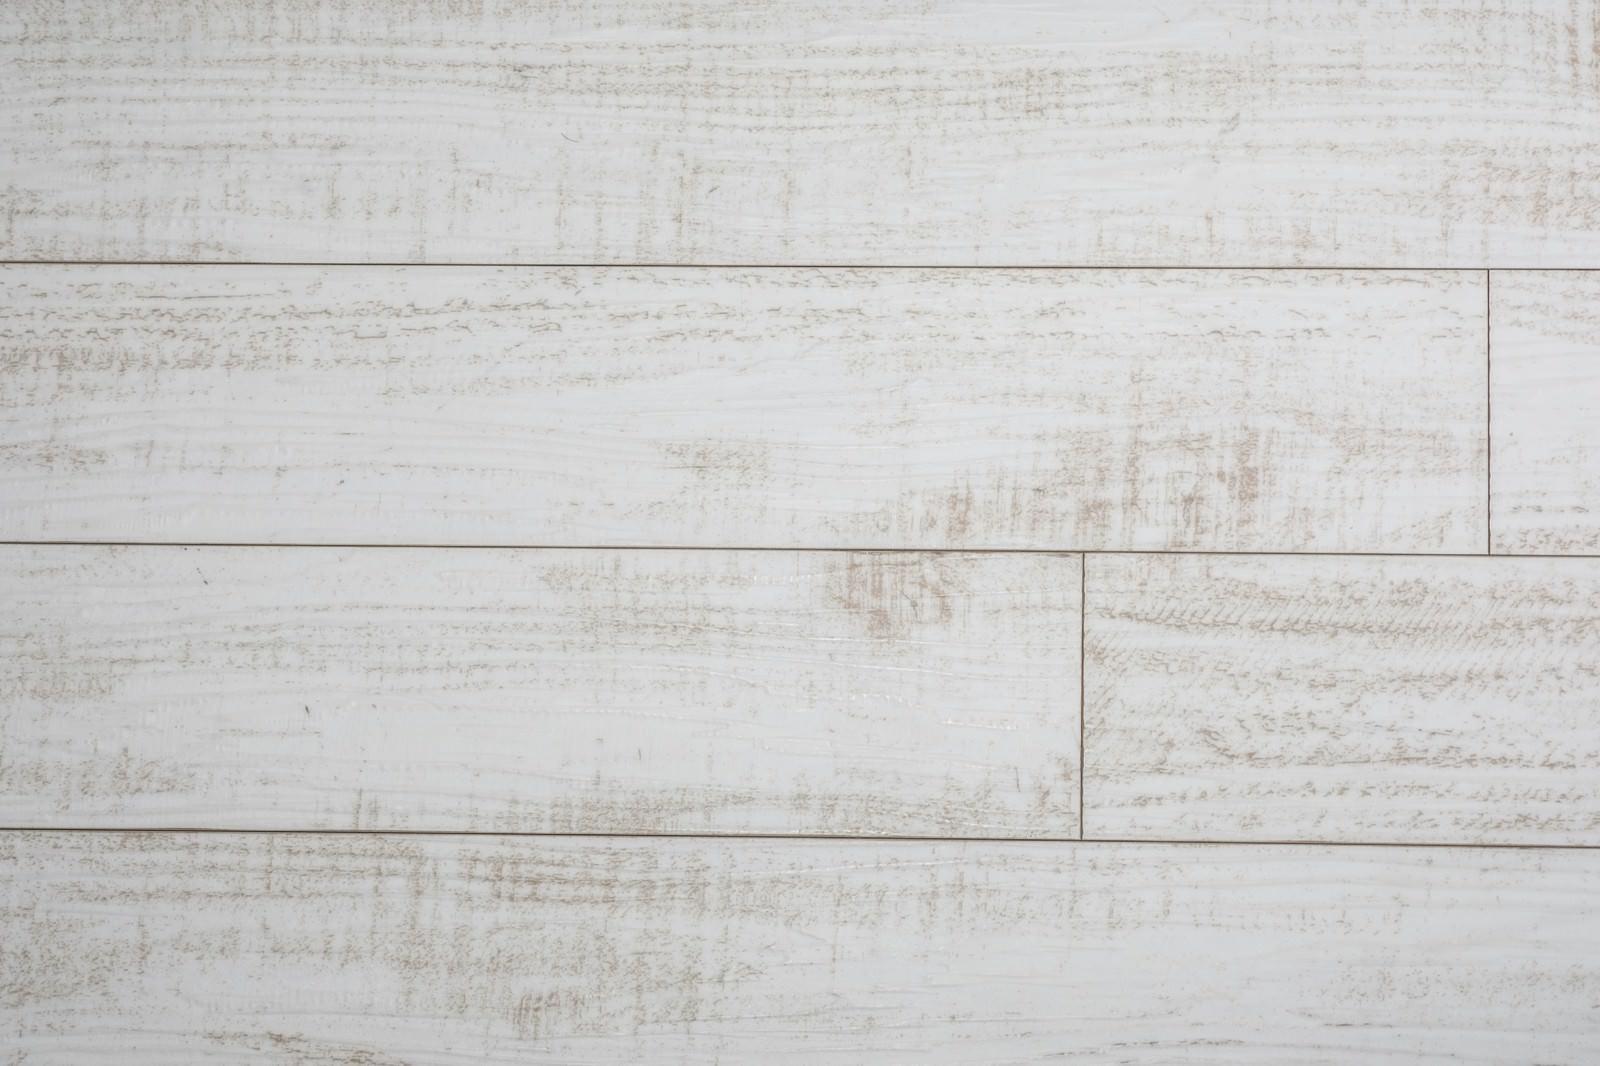 「白い木目壁(テクスチャ)」の写真